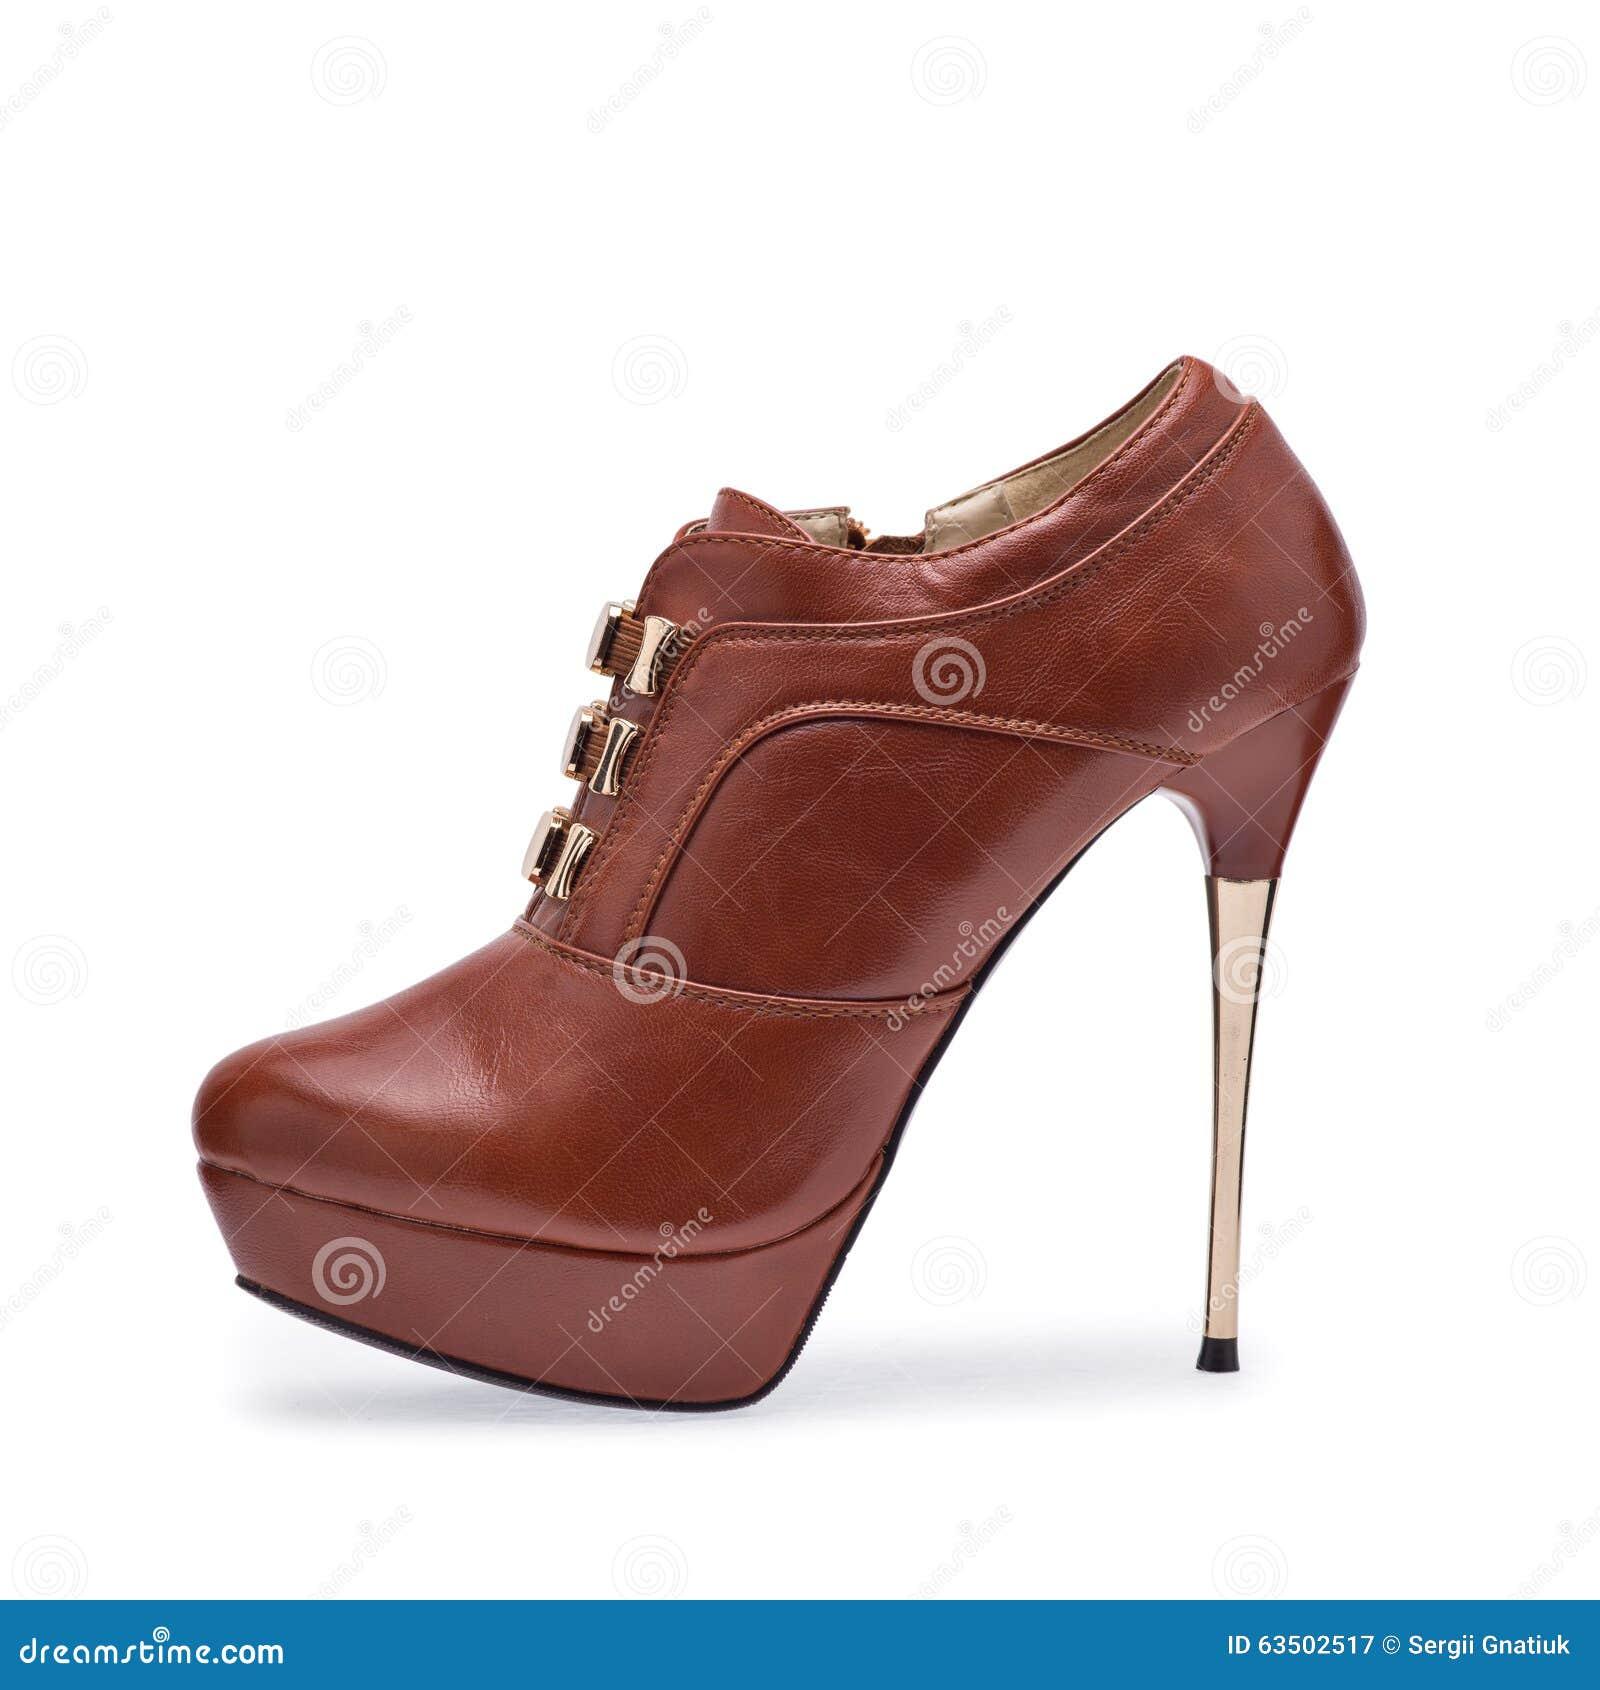 Één van de schoenen bruine stiletto s van vrouwen met een decoratieve riem